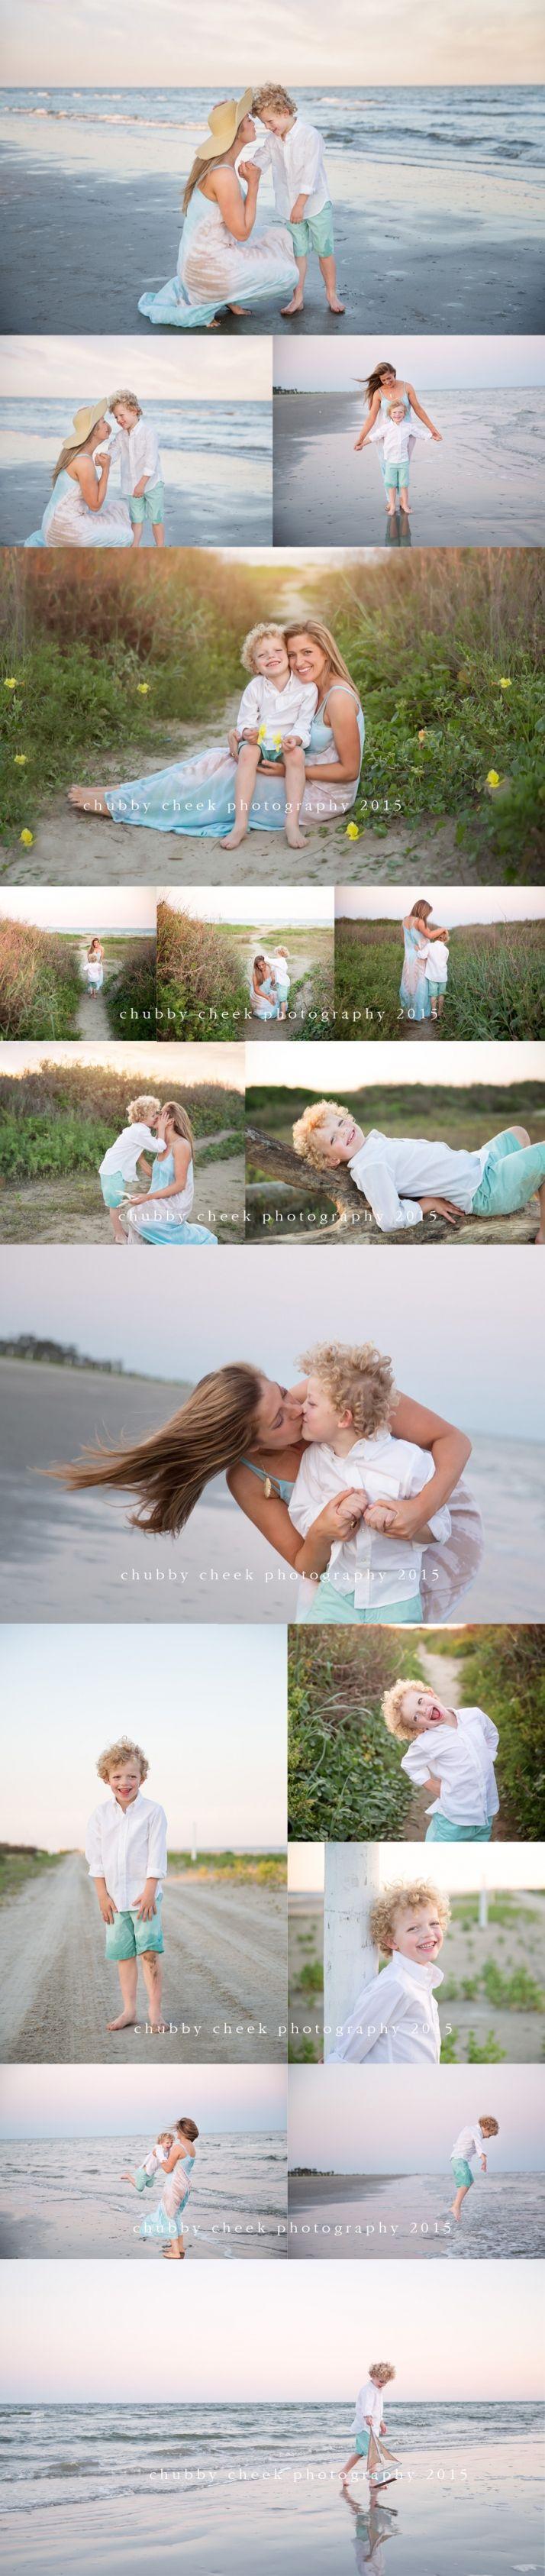 chubby cheek photography texas beach photographer